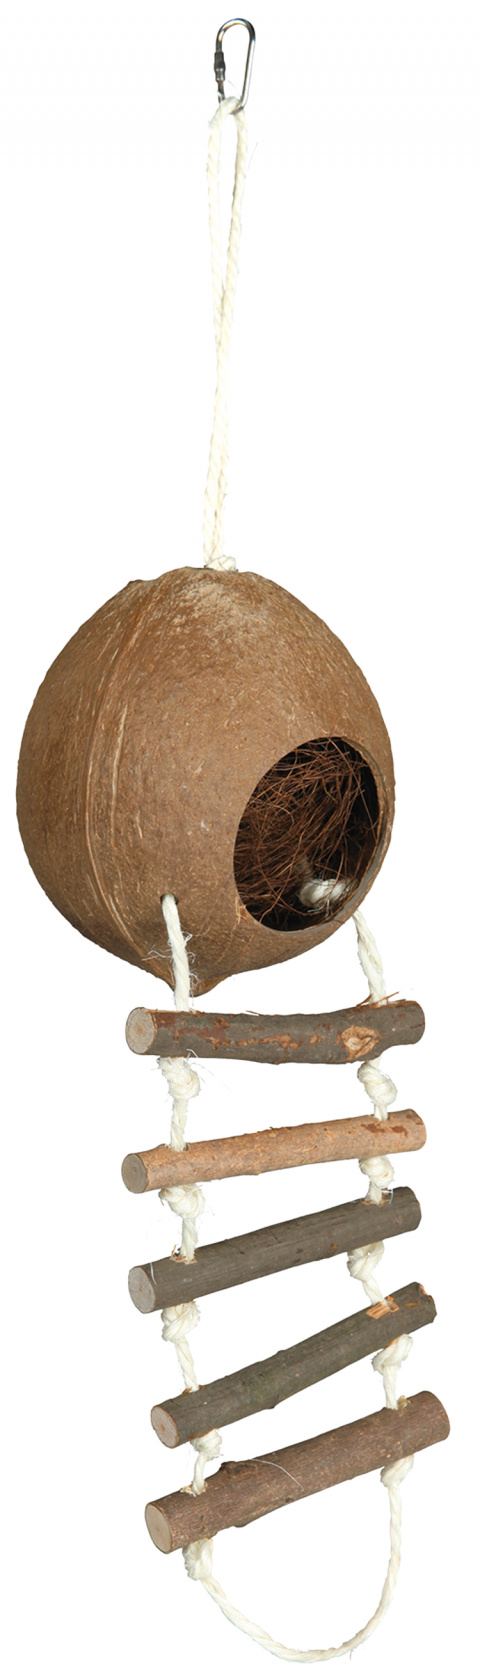 Аксессуар для клетки грызунов - Кокосовый домик для хомяков, Q 13 cm